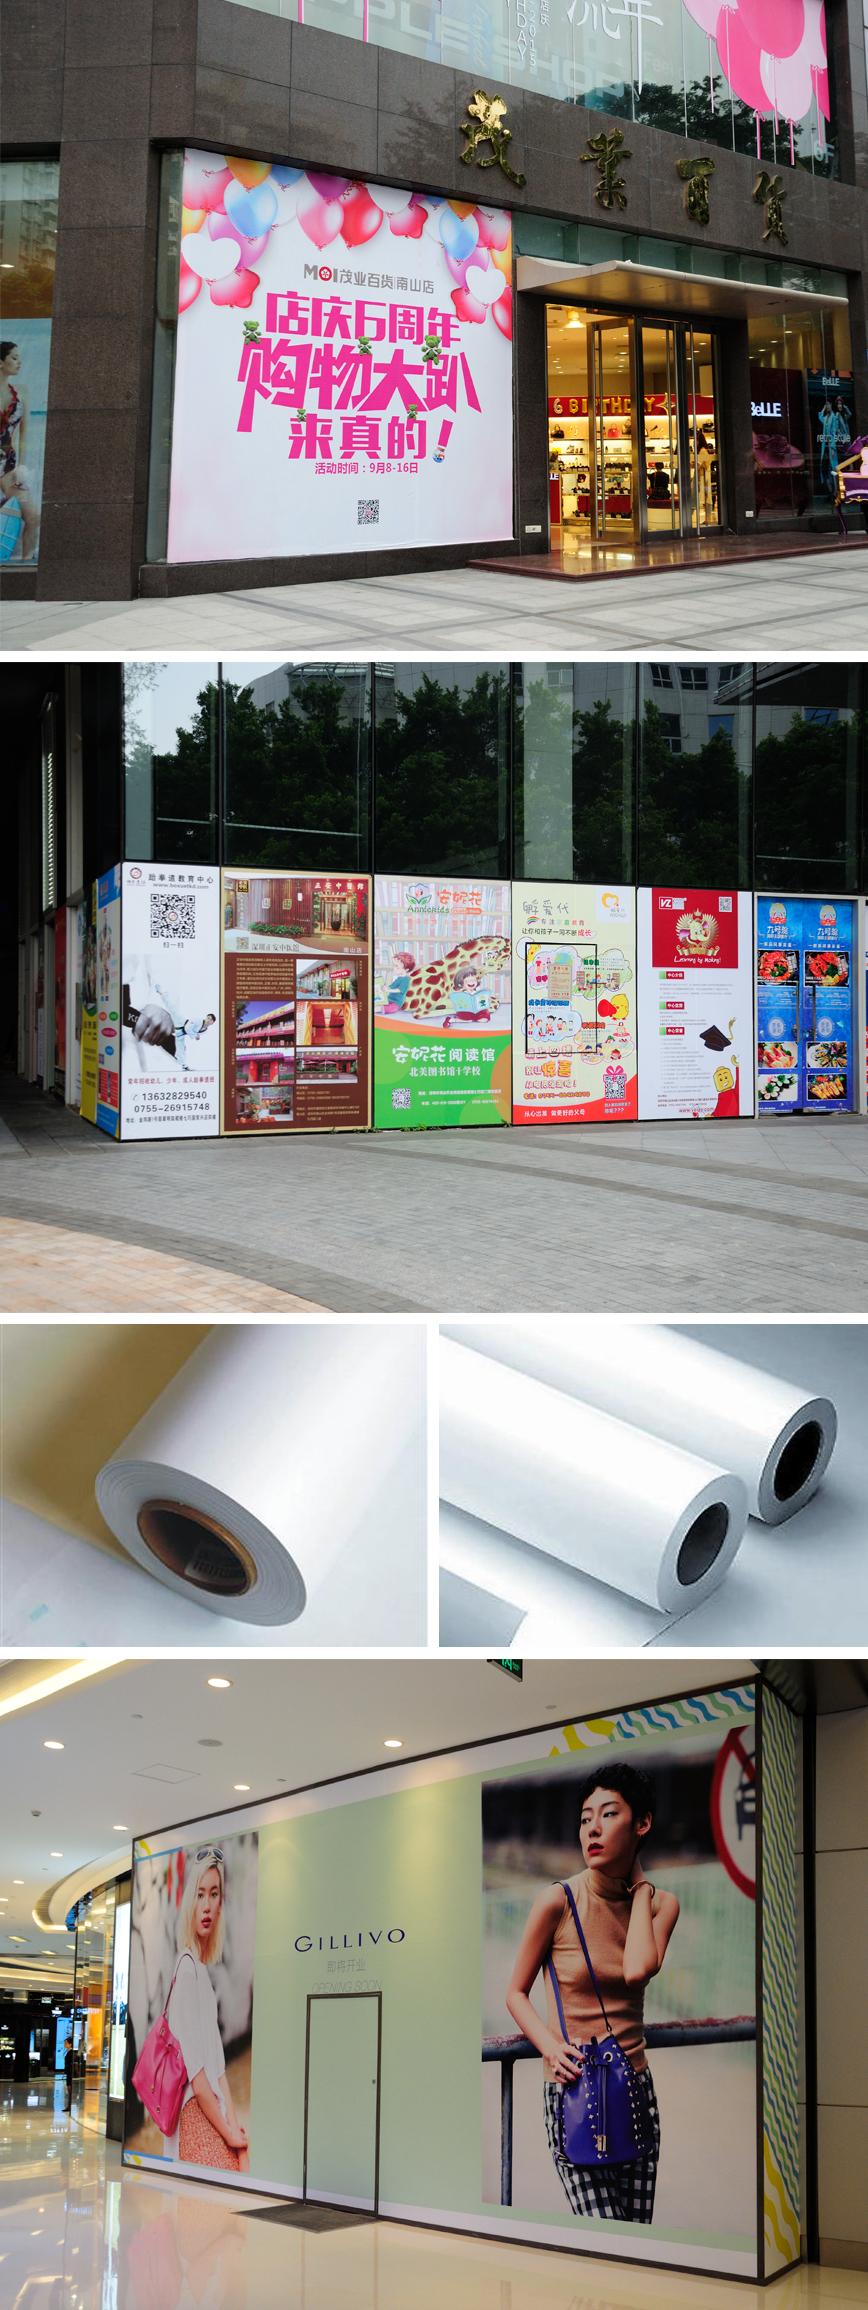 喷绘海报印刷、制作下单流程图。